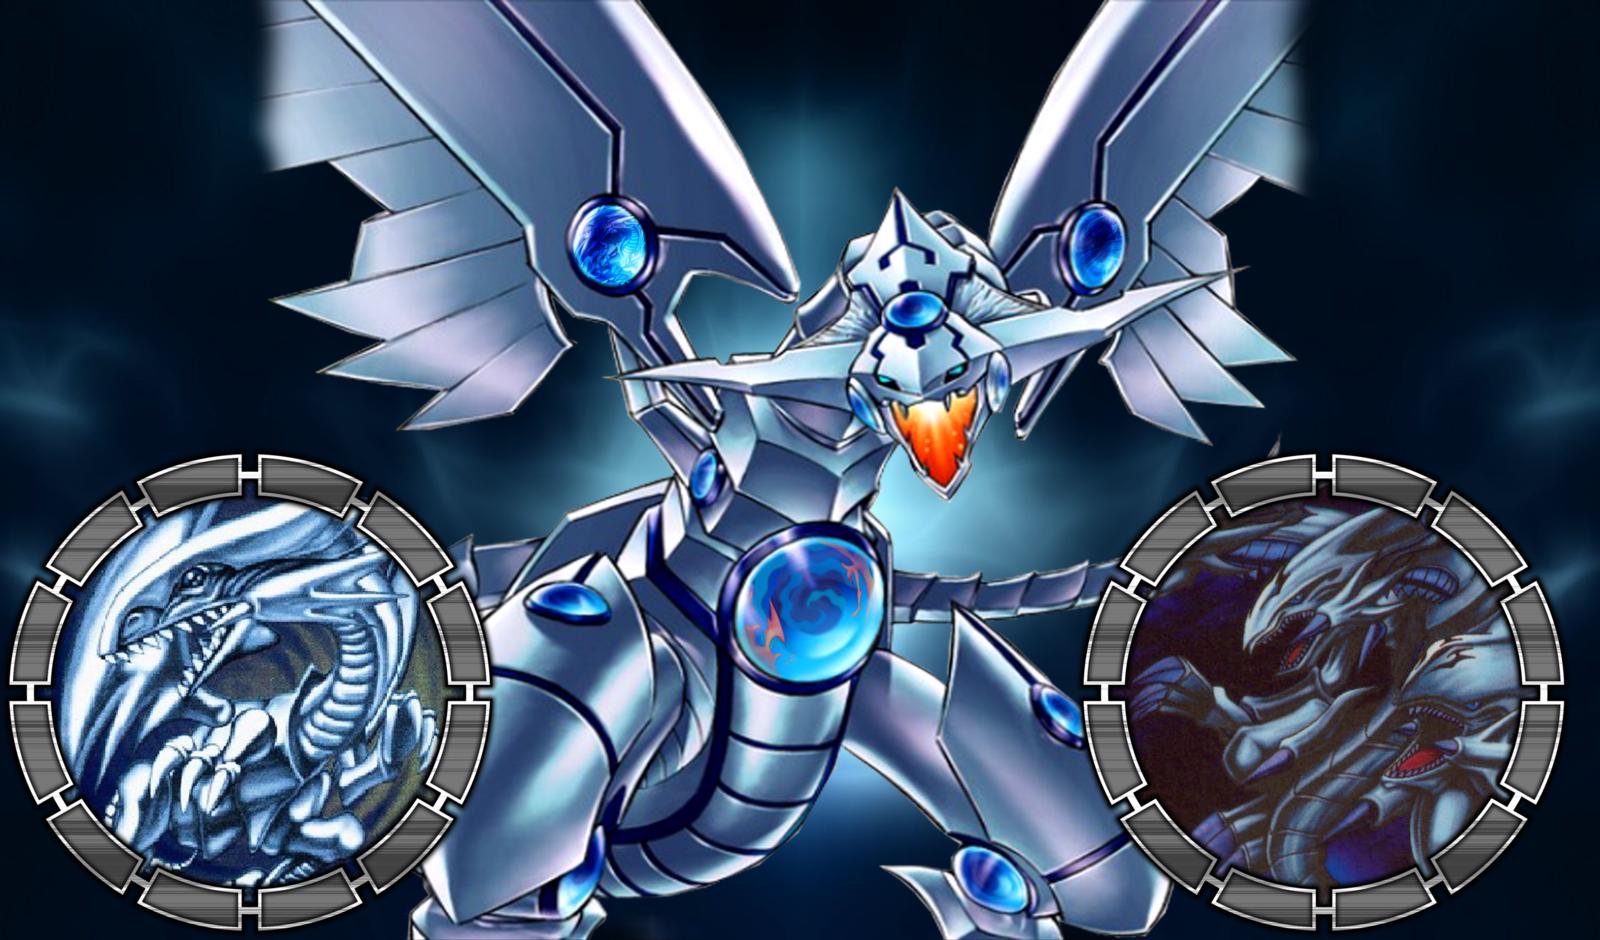 Free Download Blue Eyes Shining Dragon Vs Red Eyes Darkness Dragon